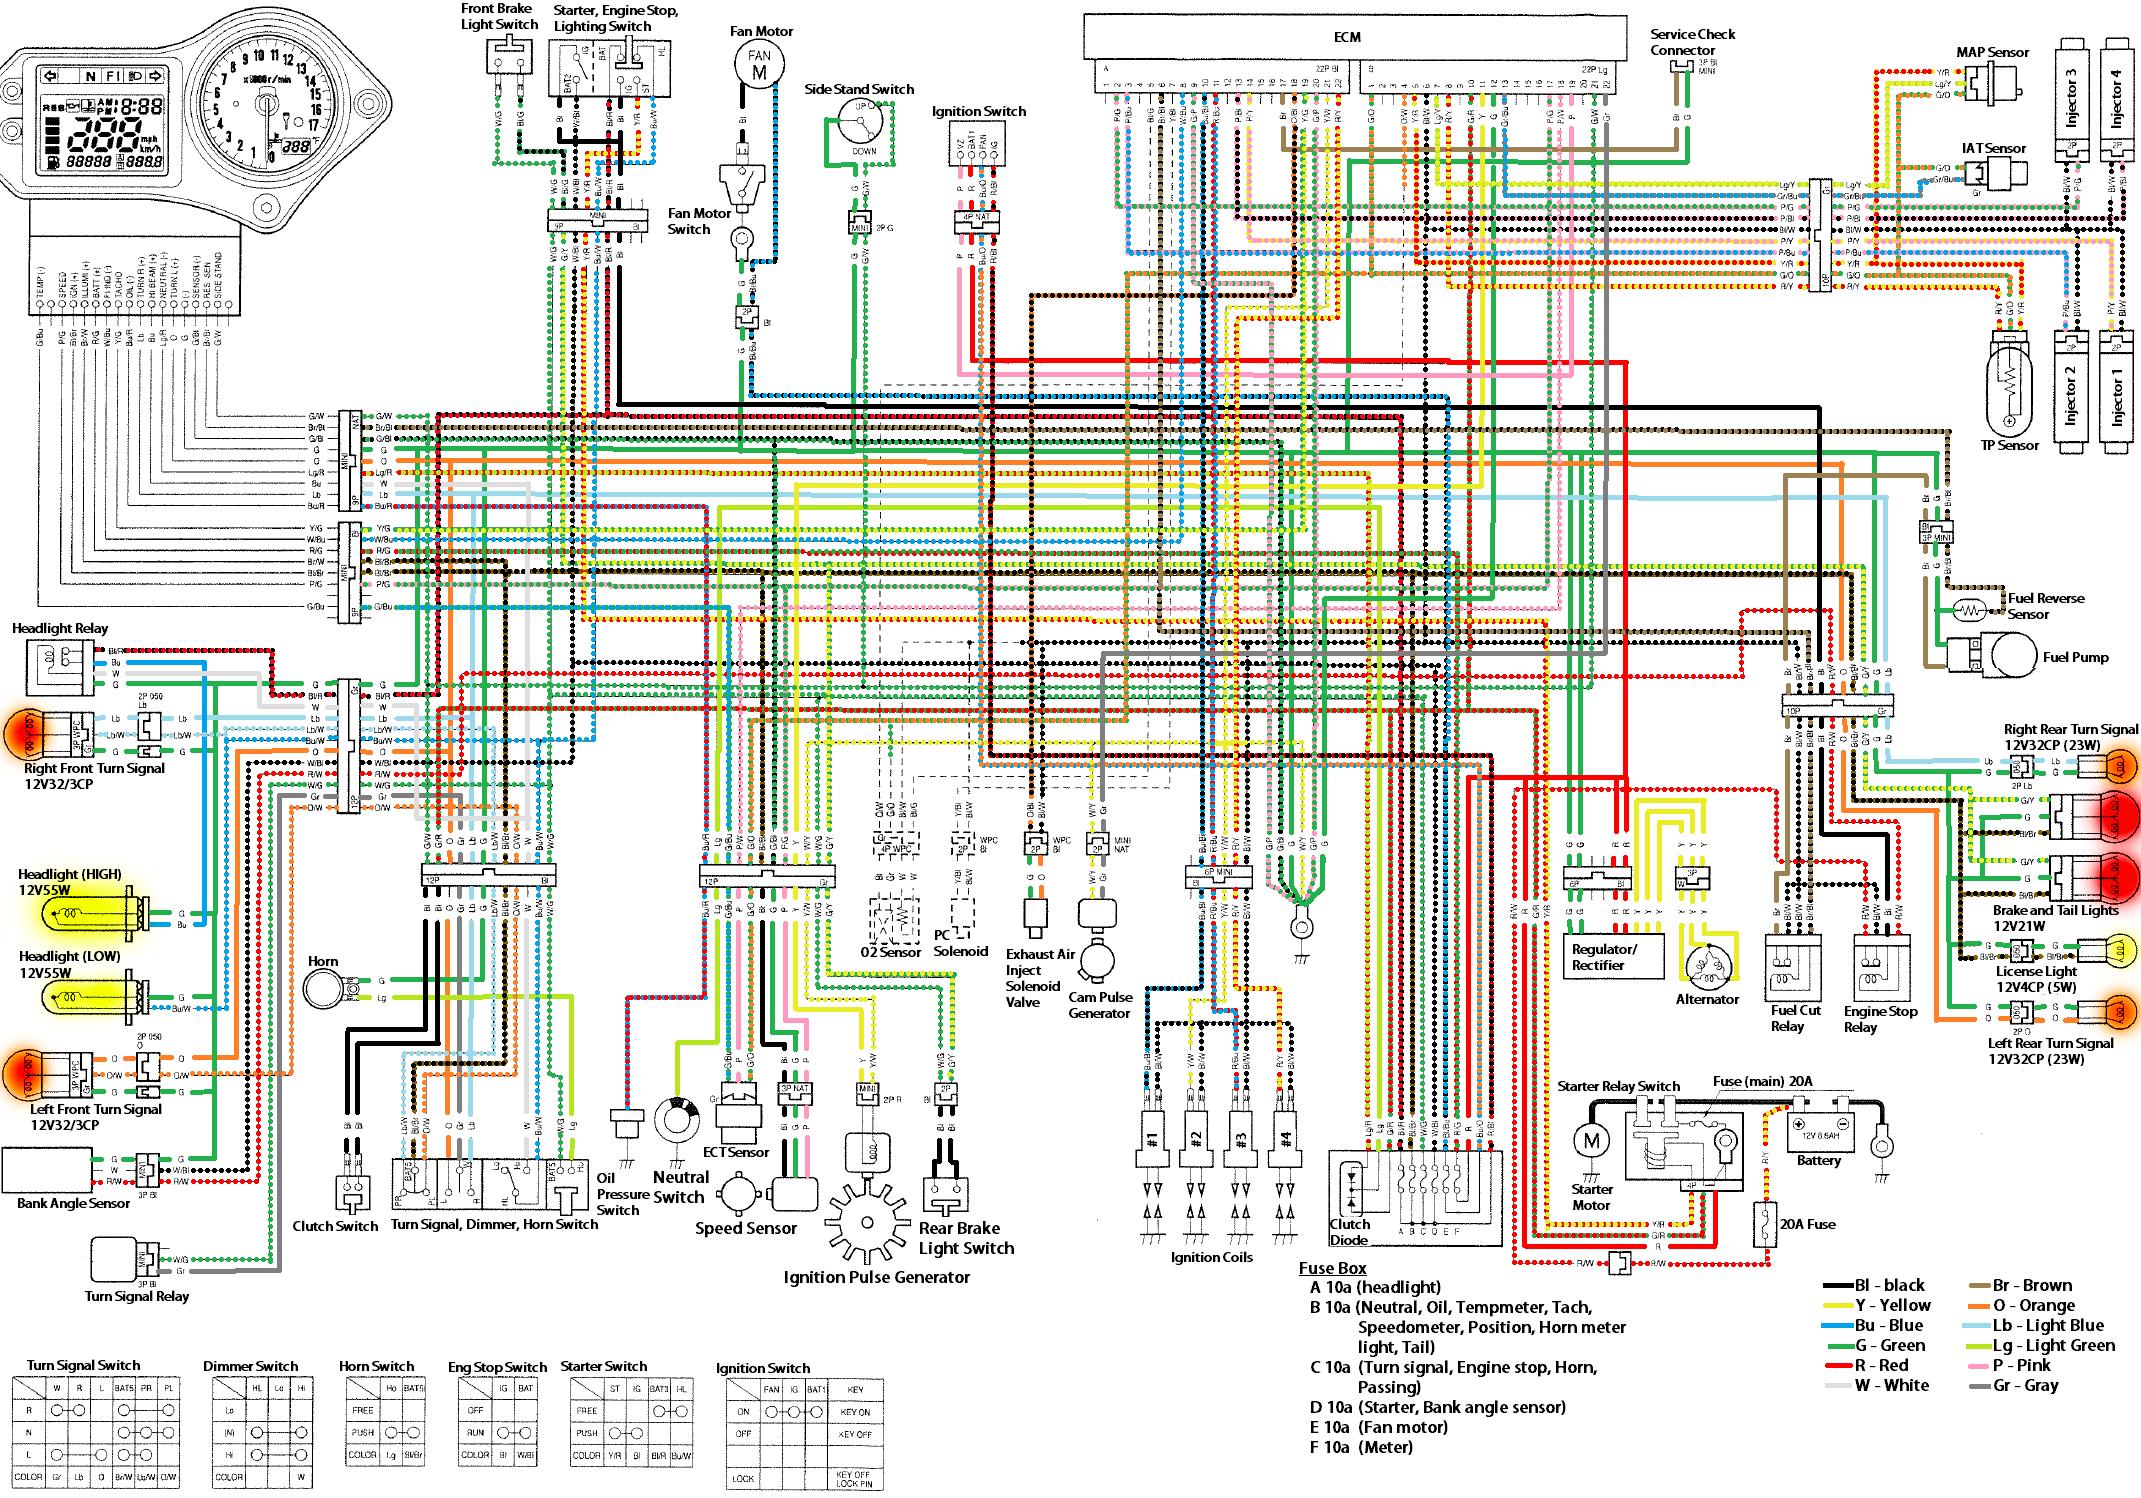 [SCHEMATICS_4FD]  08 Zx10r Wire Diagram Audi Engine Wiring Diagram -  naruto.9.allianceconseil59.fr | Zx10 Wiring Diagram |  | naruto.9.allianceconseil59.fr